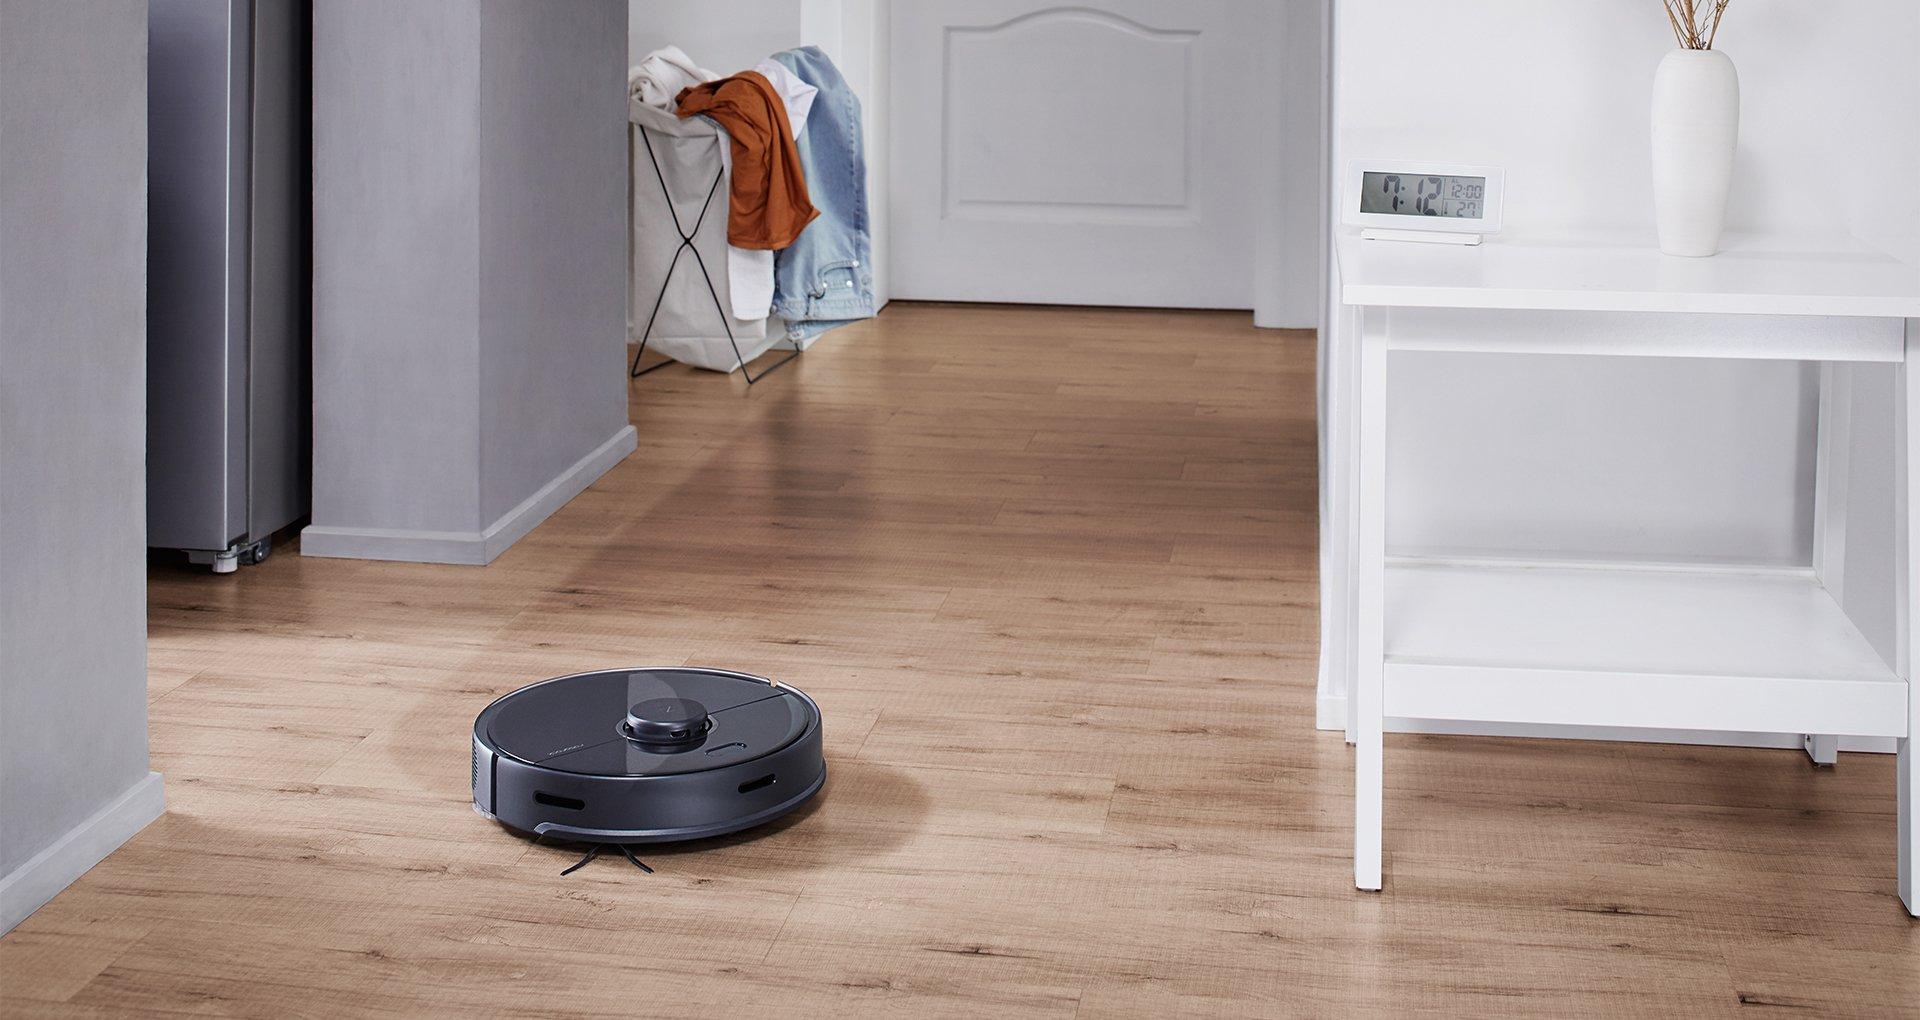 Roborock S5 Max officialisé : le robot aspirateur et serpillière gagne en intelligence